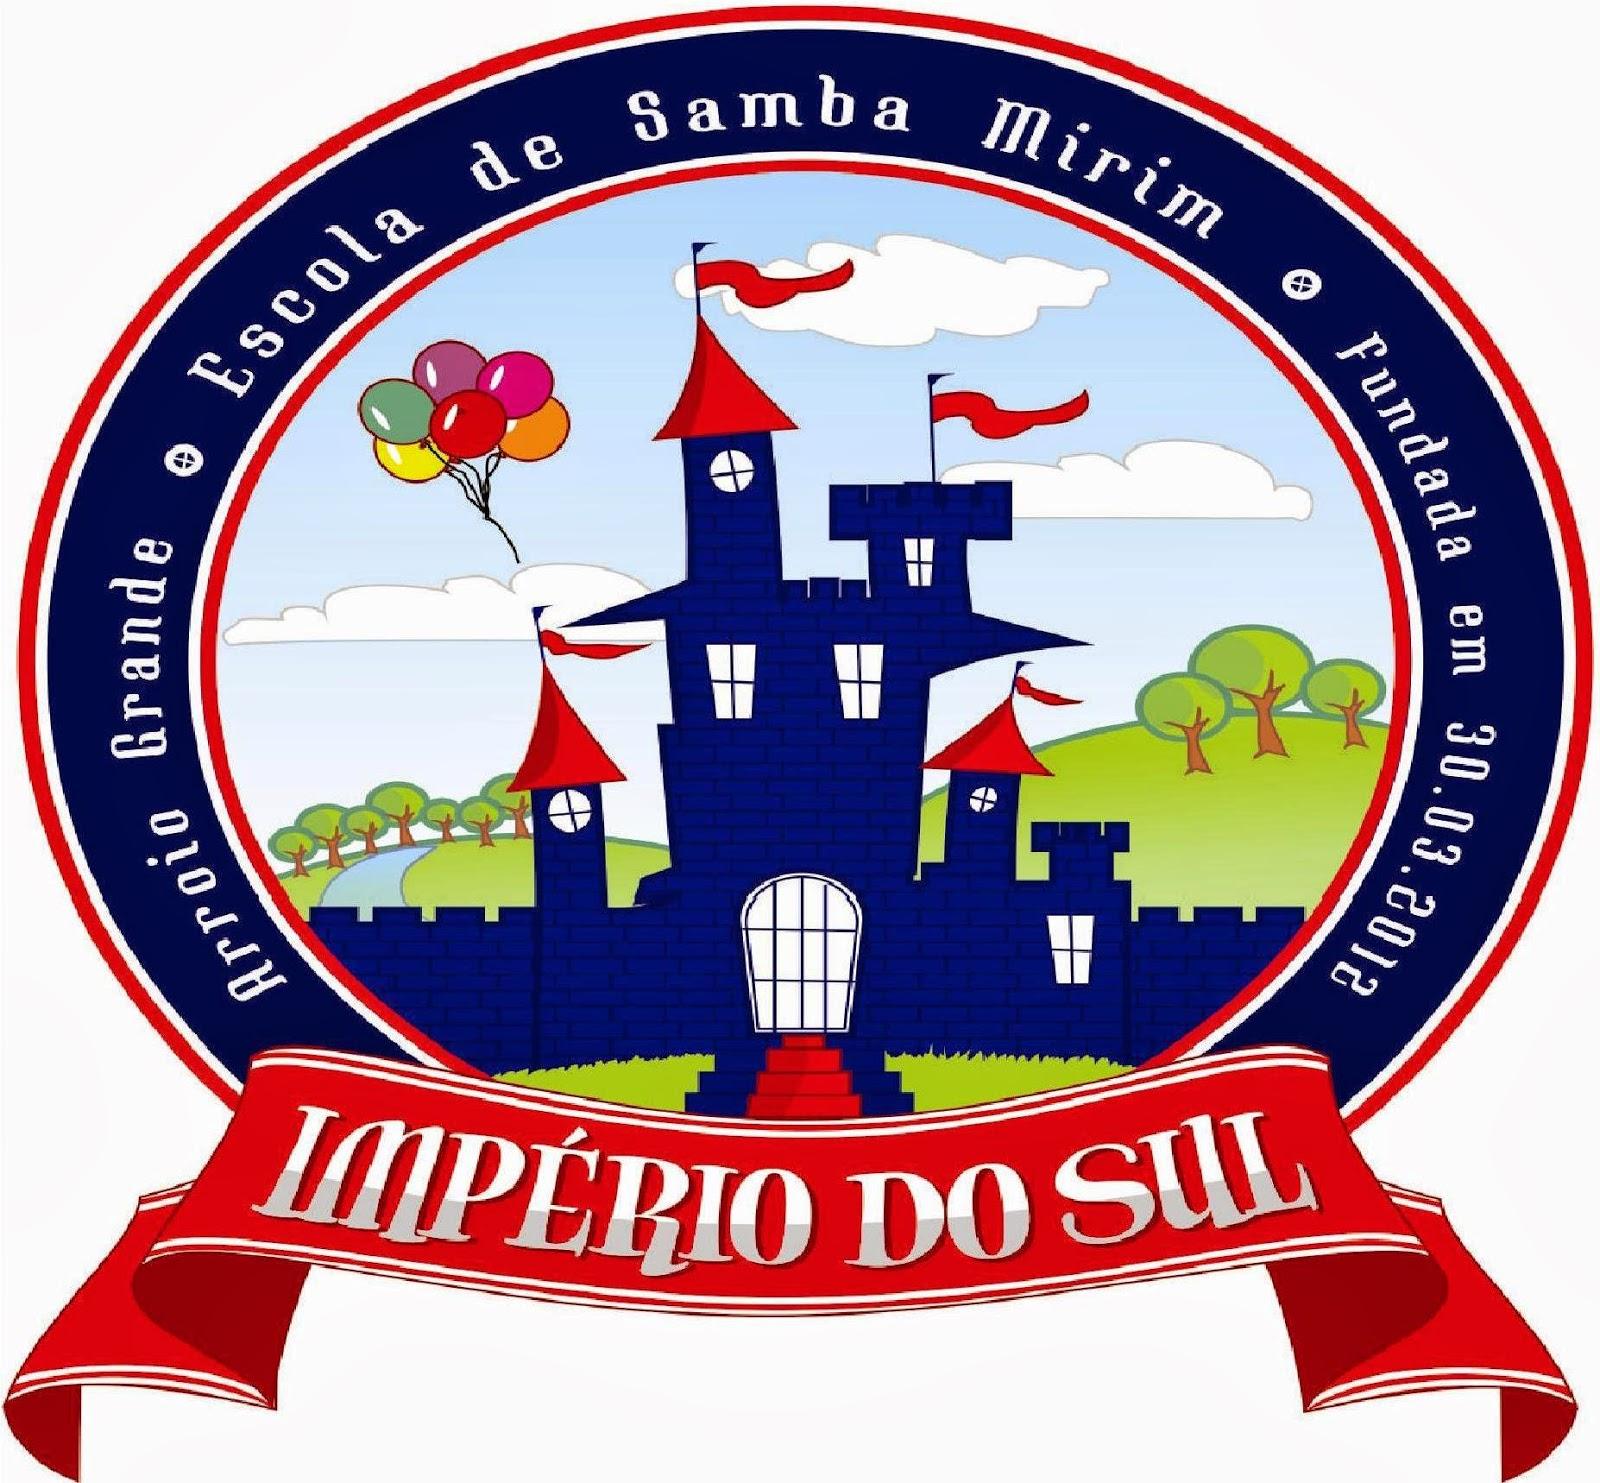 http://4.bp.blogspot.com/-PjrH7bD7cxk/Uzgc6ZUzA3I/AAAAAAAACPU/IdDTSrDAmOg/s1600/ESCOLA+DE+SAMBA+MIRIM+IMP%C3%89RIO+DO+SUL.jpg